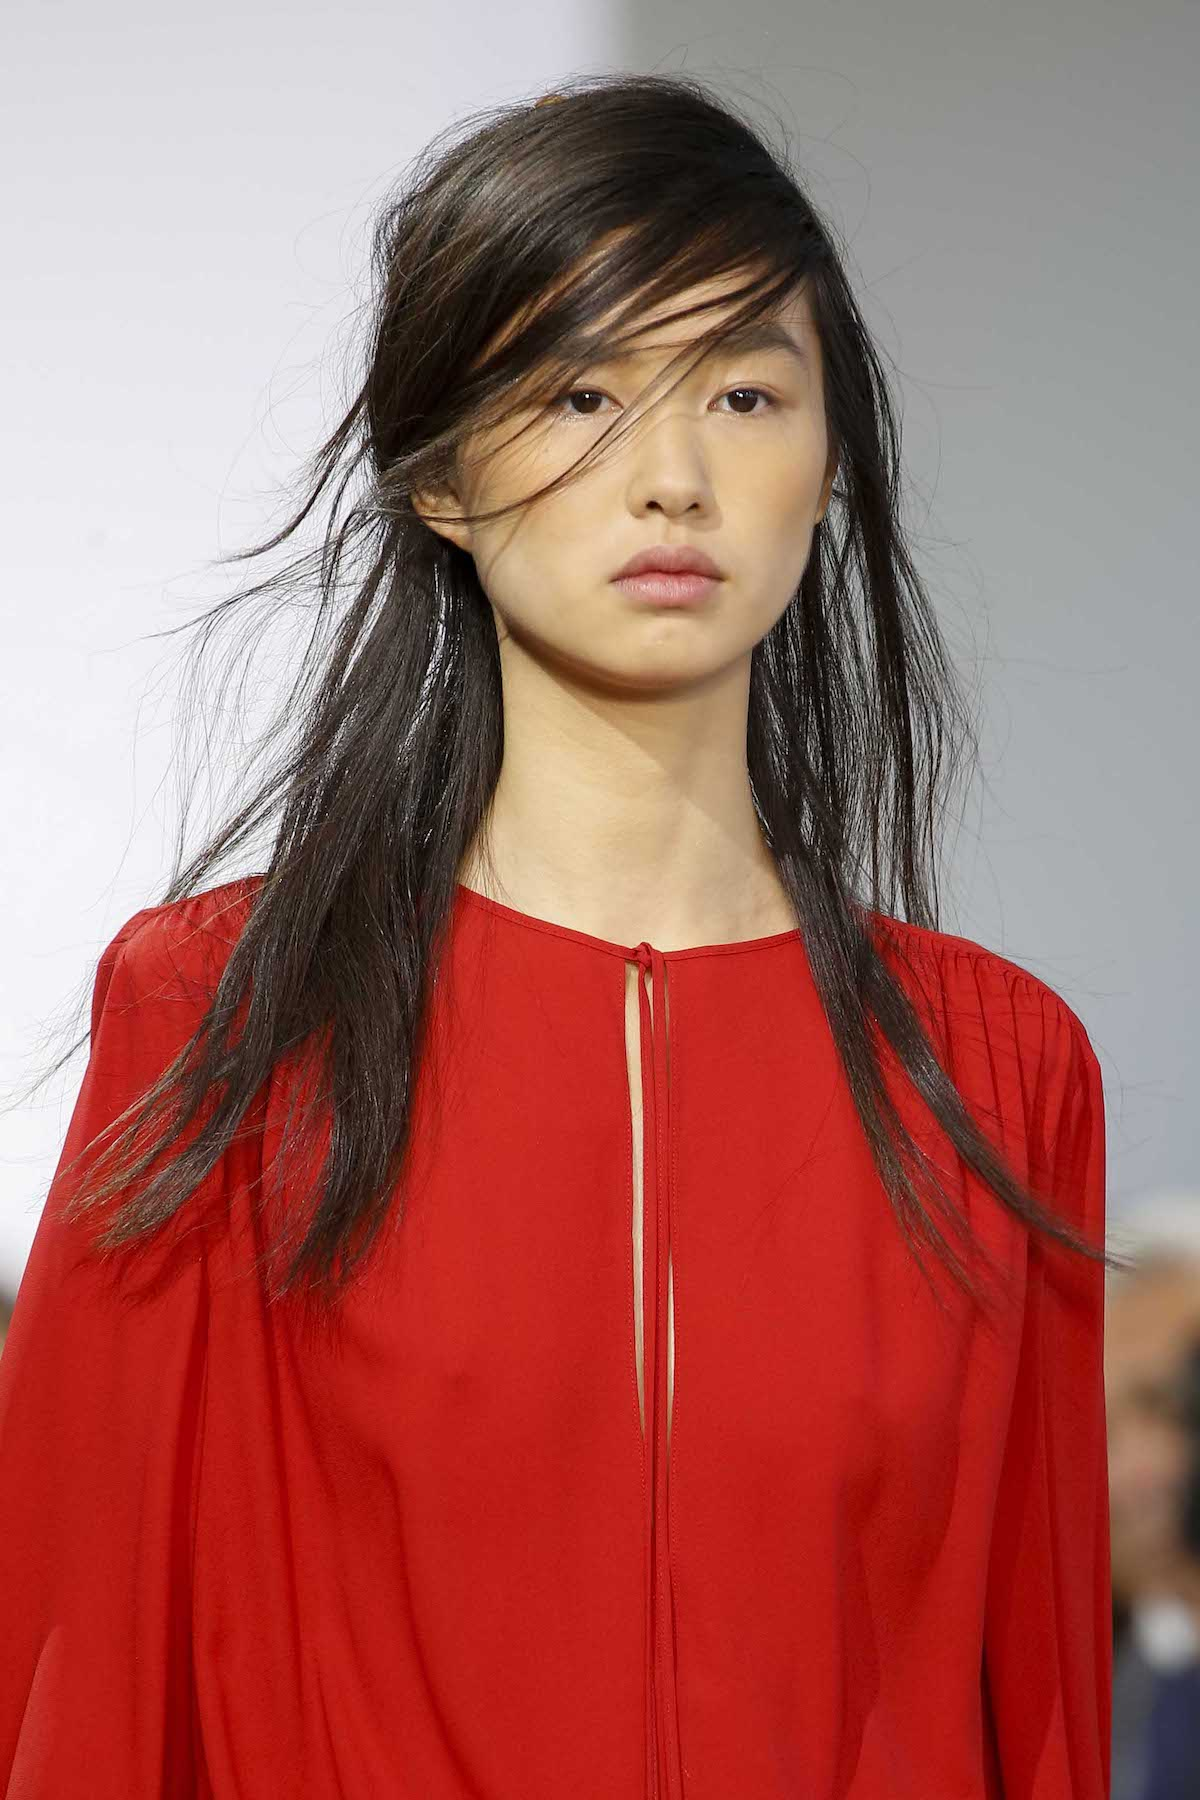 Wanita Asia dengan rambut lurus panjang warna hitam dan poni samping.